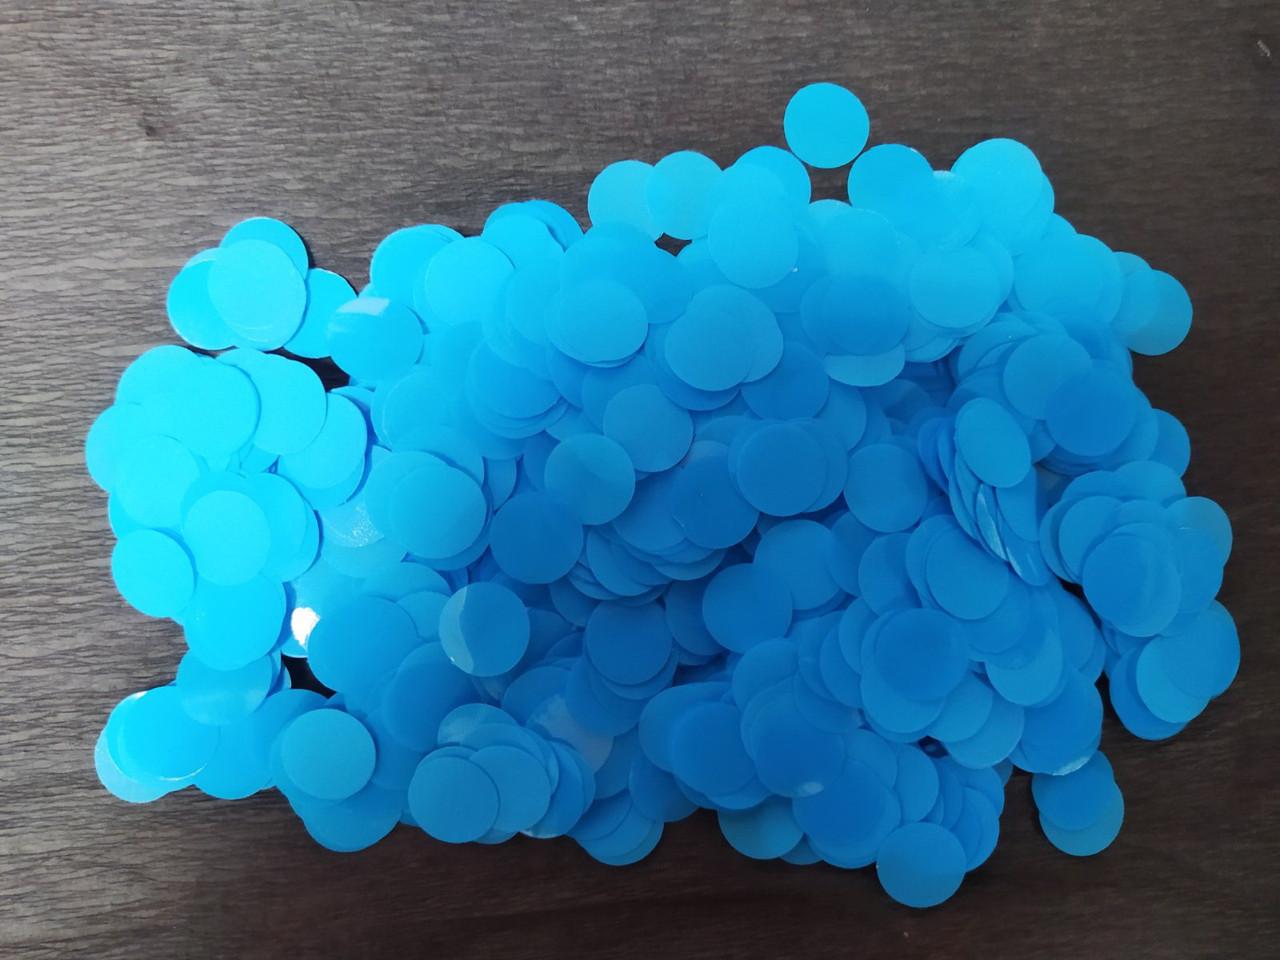 Аксесуари для свята конфеті кружечки блакитний 12 мм х 12 мм 100 грам